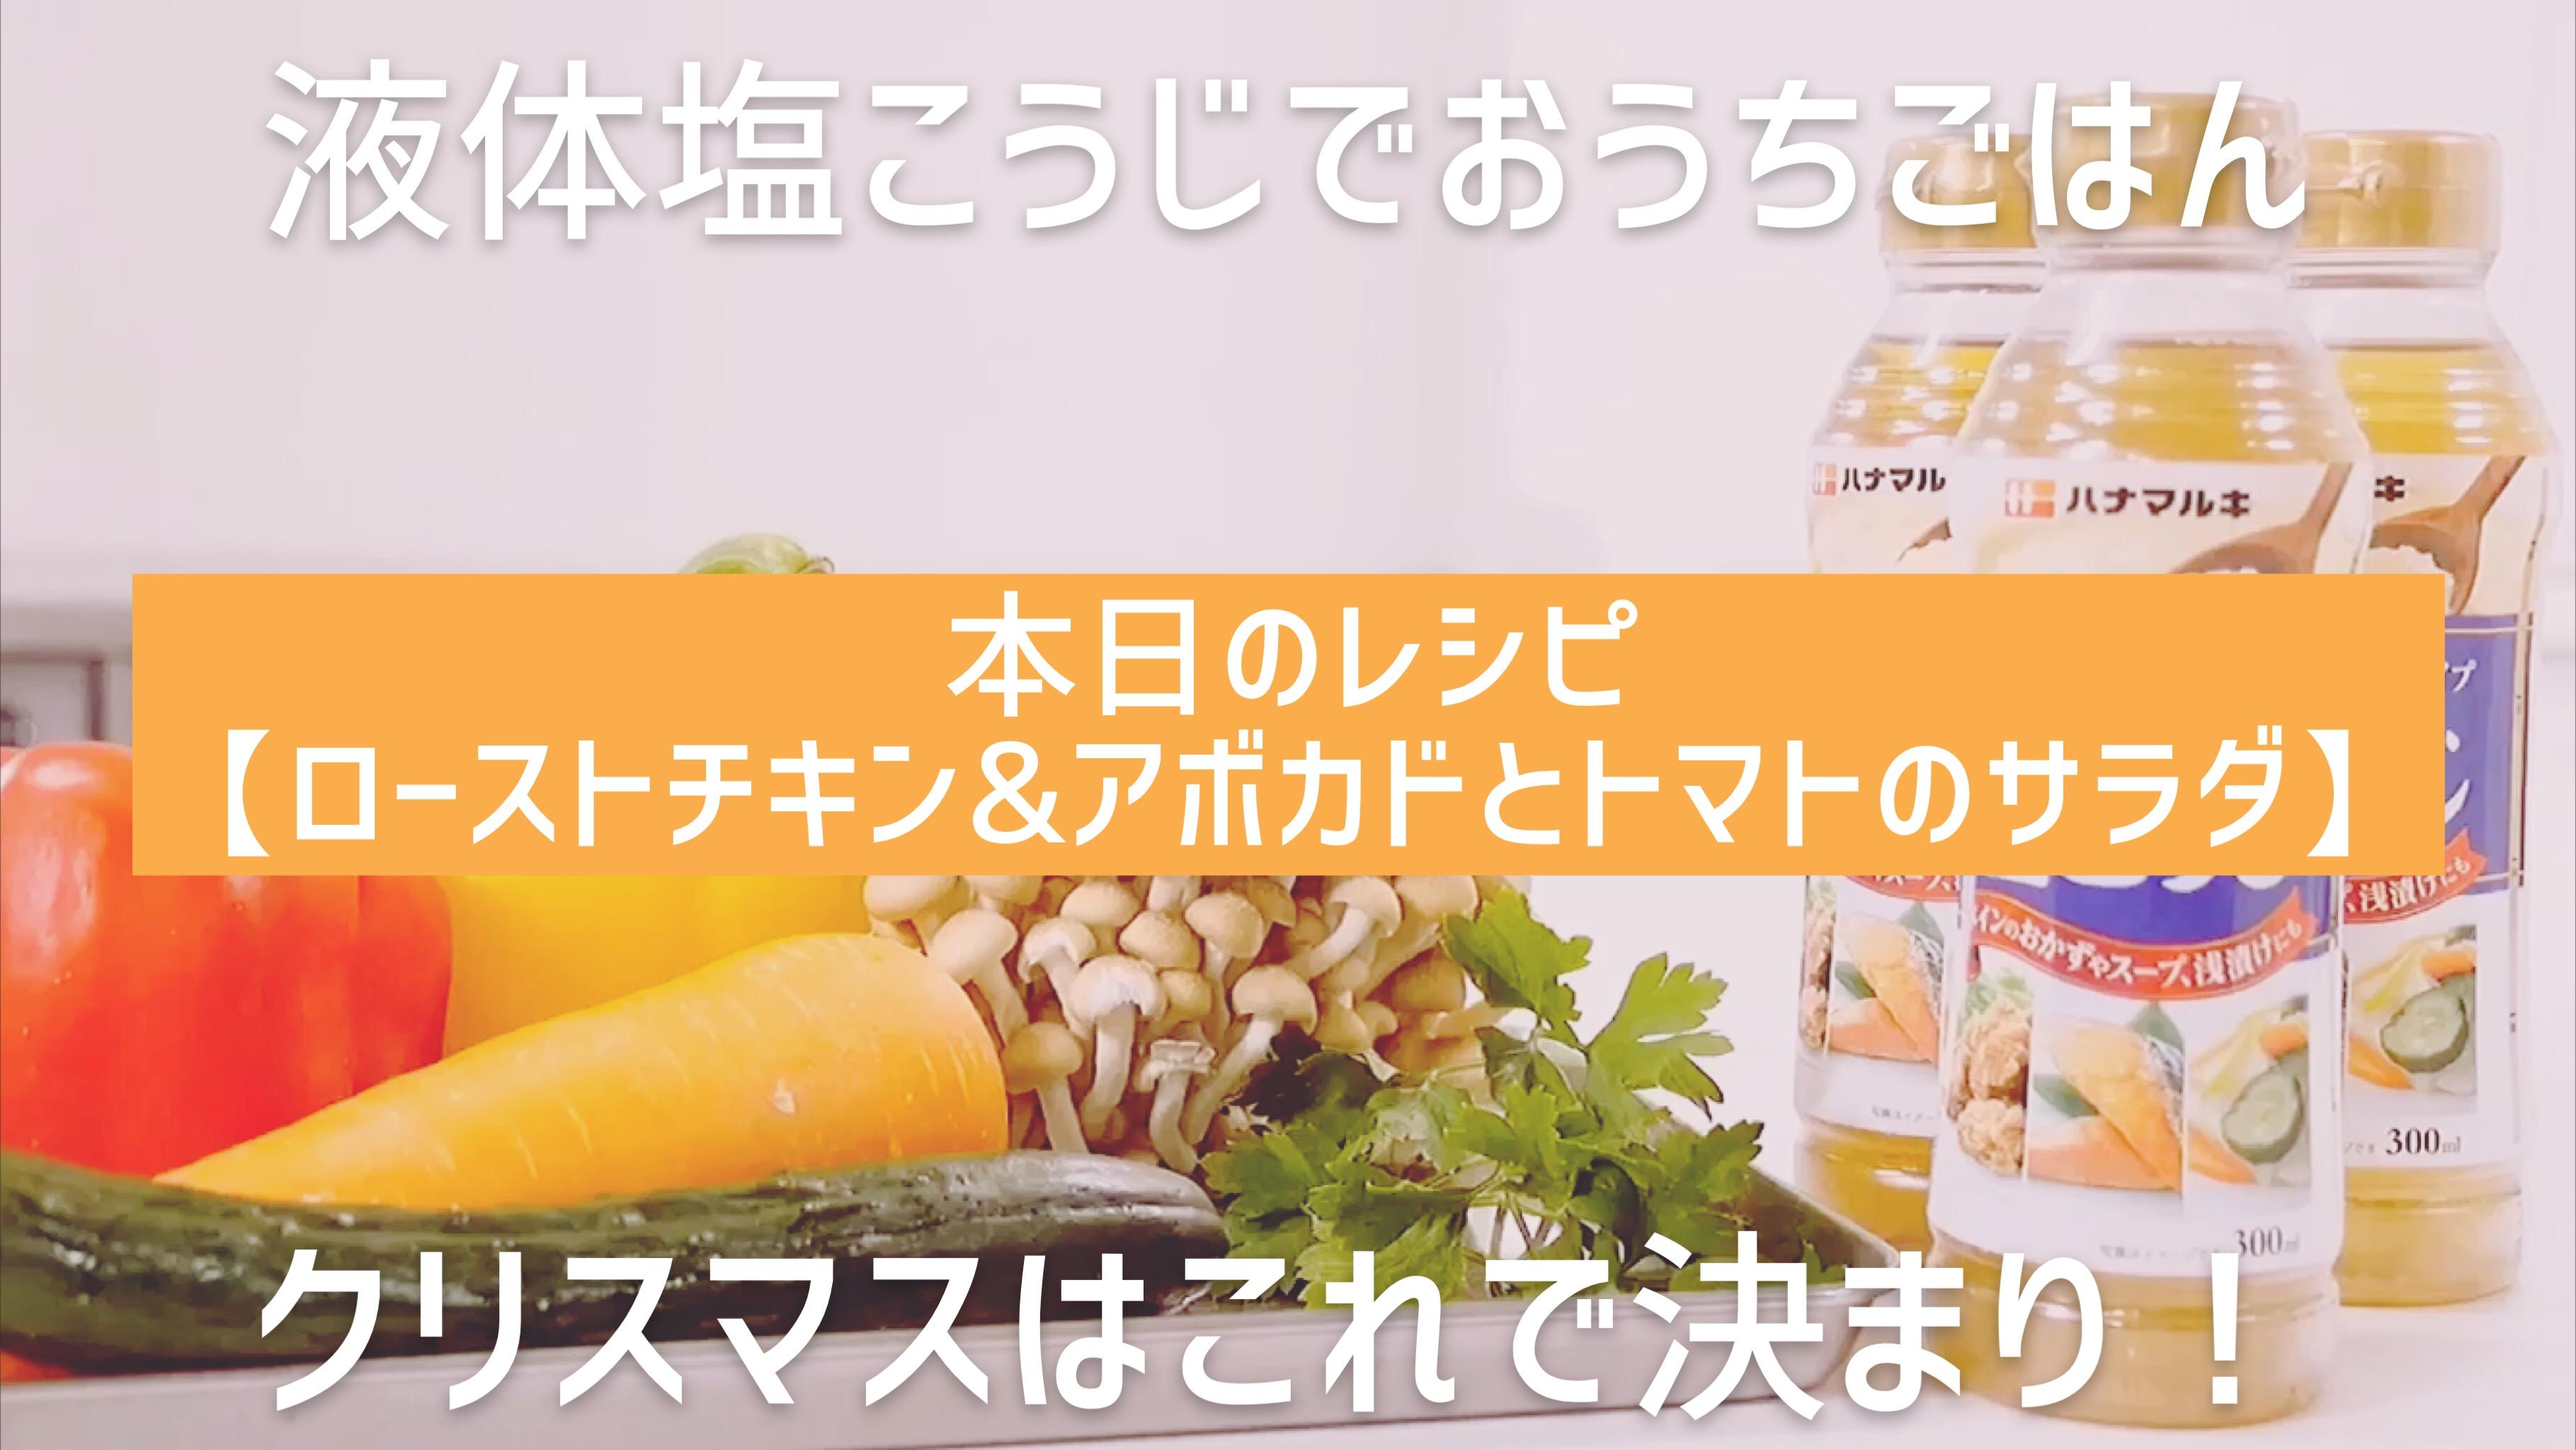 【ハナマルキ公式YouTubeアカウント】液体塩こうじでおうちごはん#14.漬けて焼くだけ、和えるだけ!ローストチキン&アボカドとトマトのサラダ♪